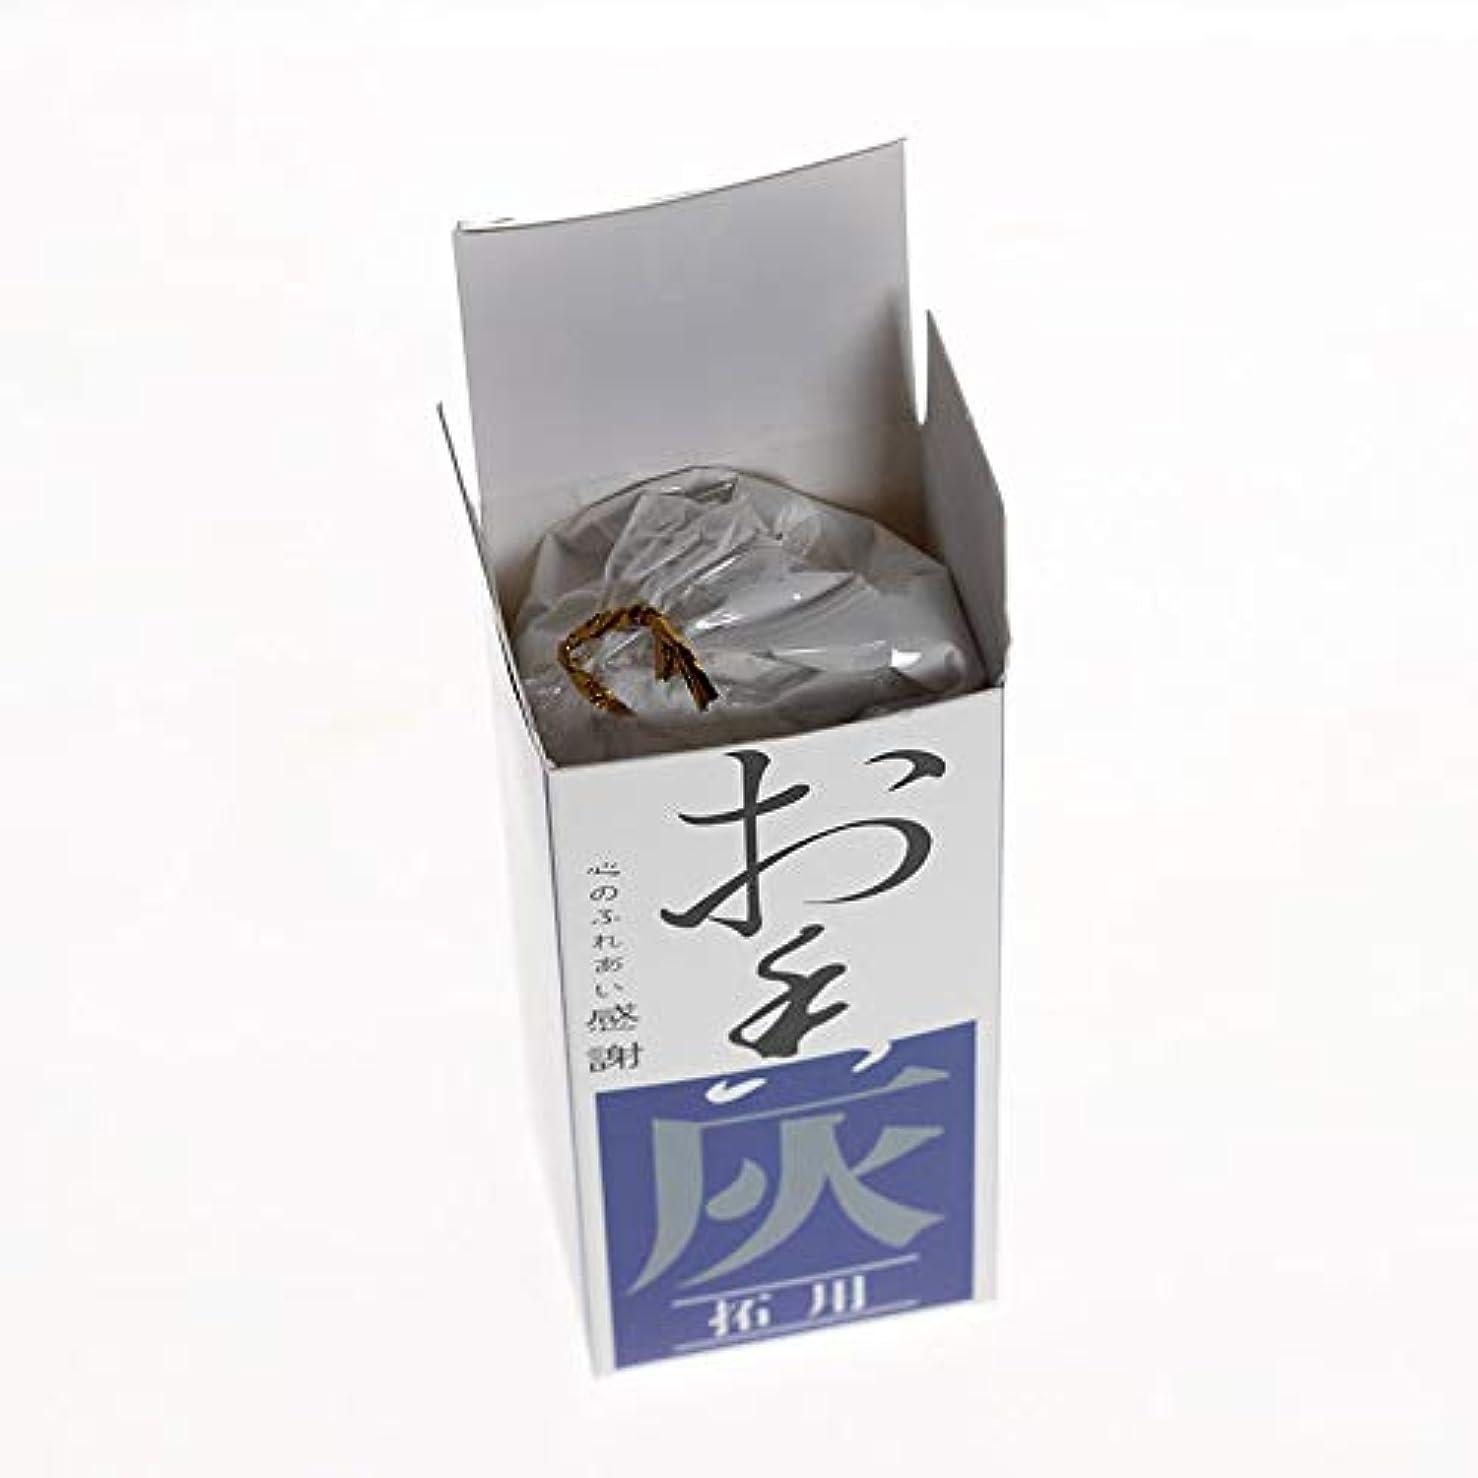 すり減るブレス狭いDiatems - 輸入香ばしい香り高い柚子特別灰沈香香炉灰灰灰色の灰香り用品スーパーソングRongtang [3PC]